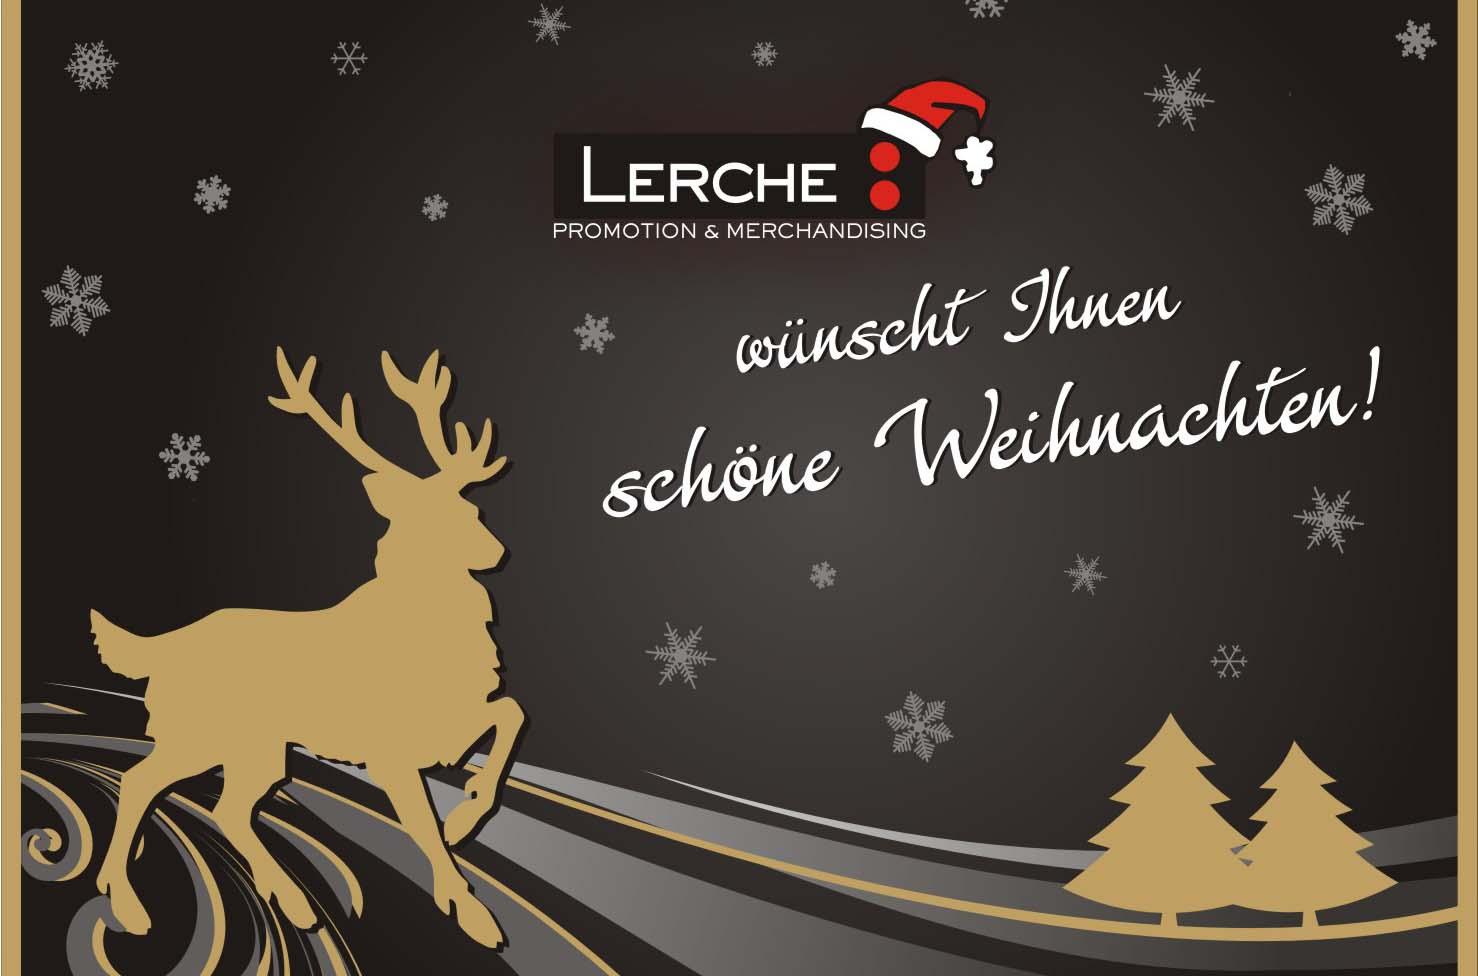 Lerche Werbemittel empfiehlt: Last-Minute-Weihnachtsgeschenke 2016 ...